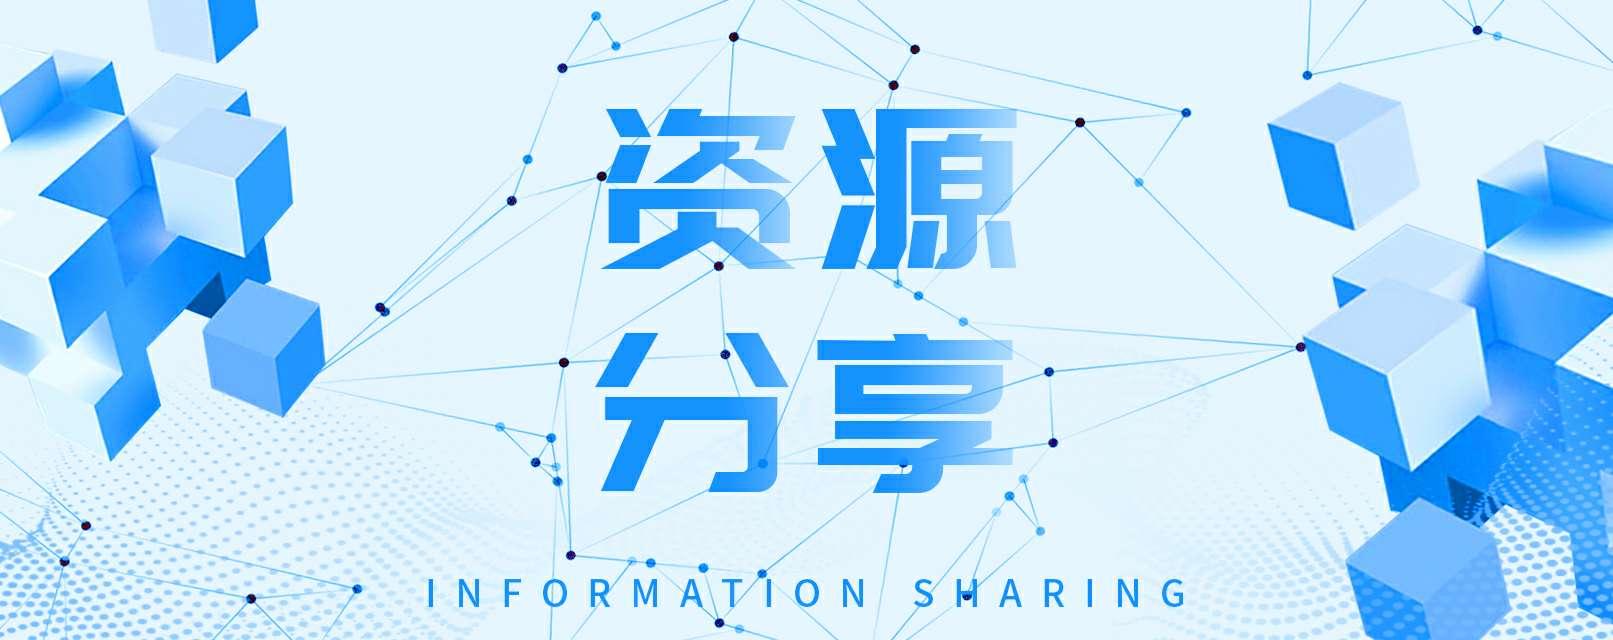 【资源分享】计算机一级考试宝典【计算机专业速来】